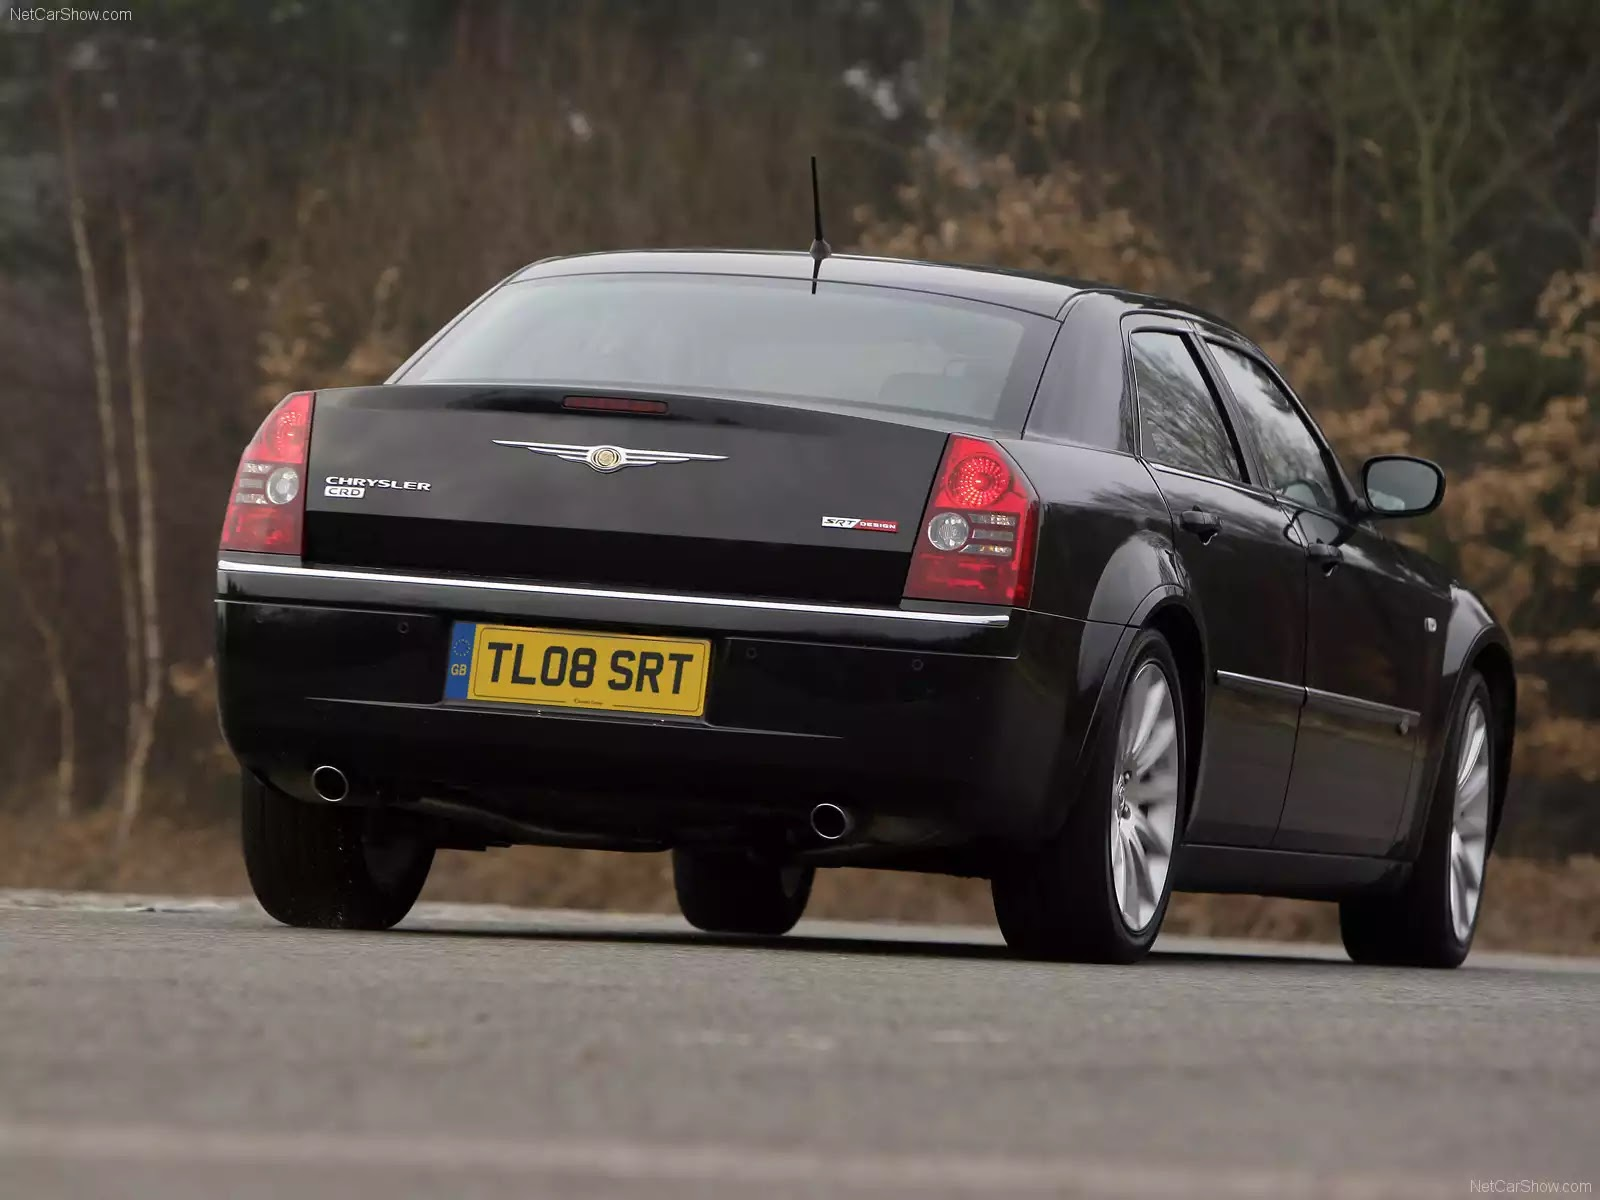 Hình ảnh xe ô tô Chrysler 300C SRT UK Version 2008 & nội ngoại thất